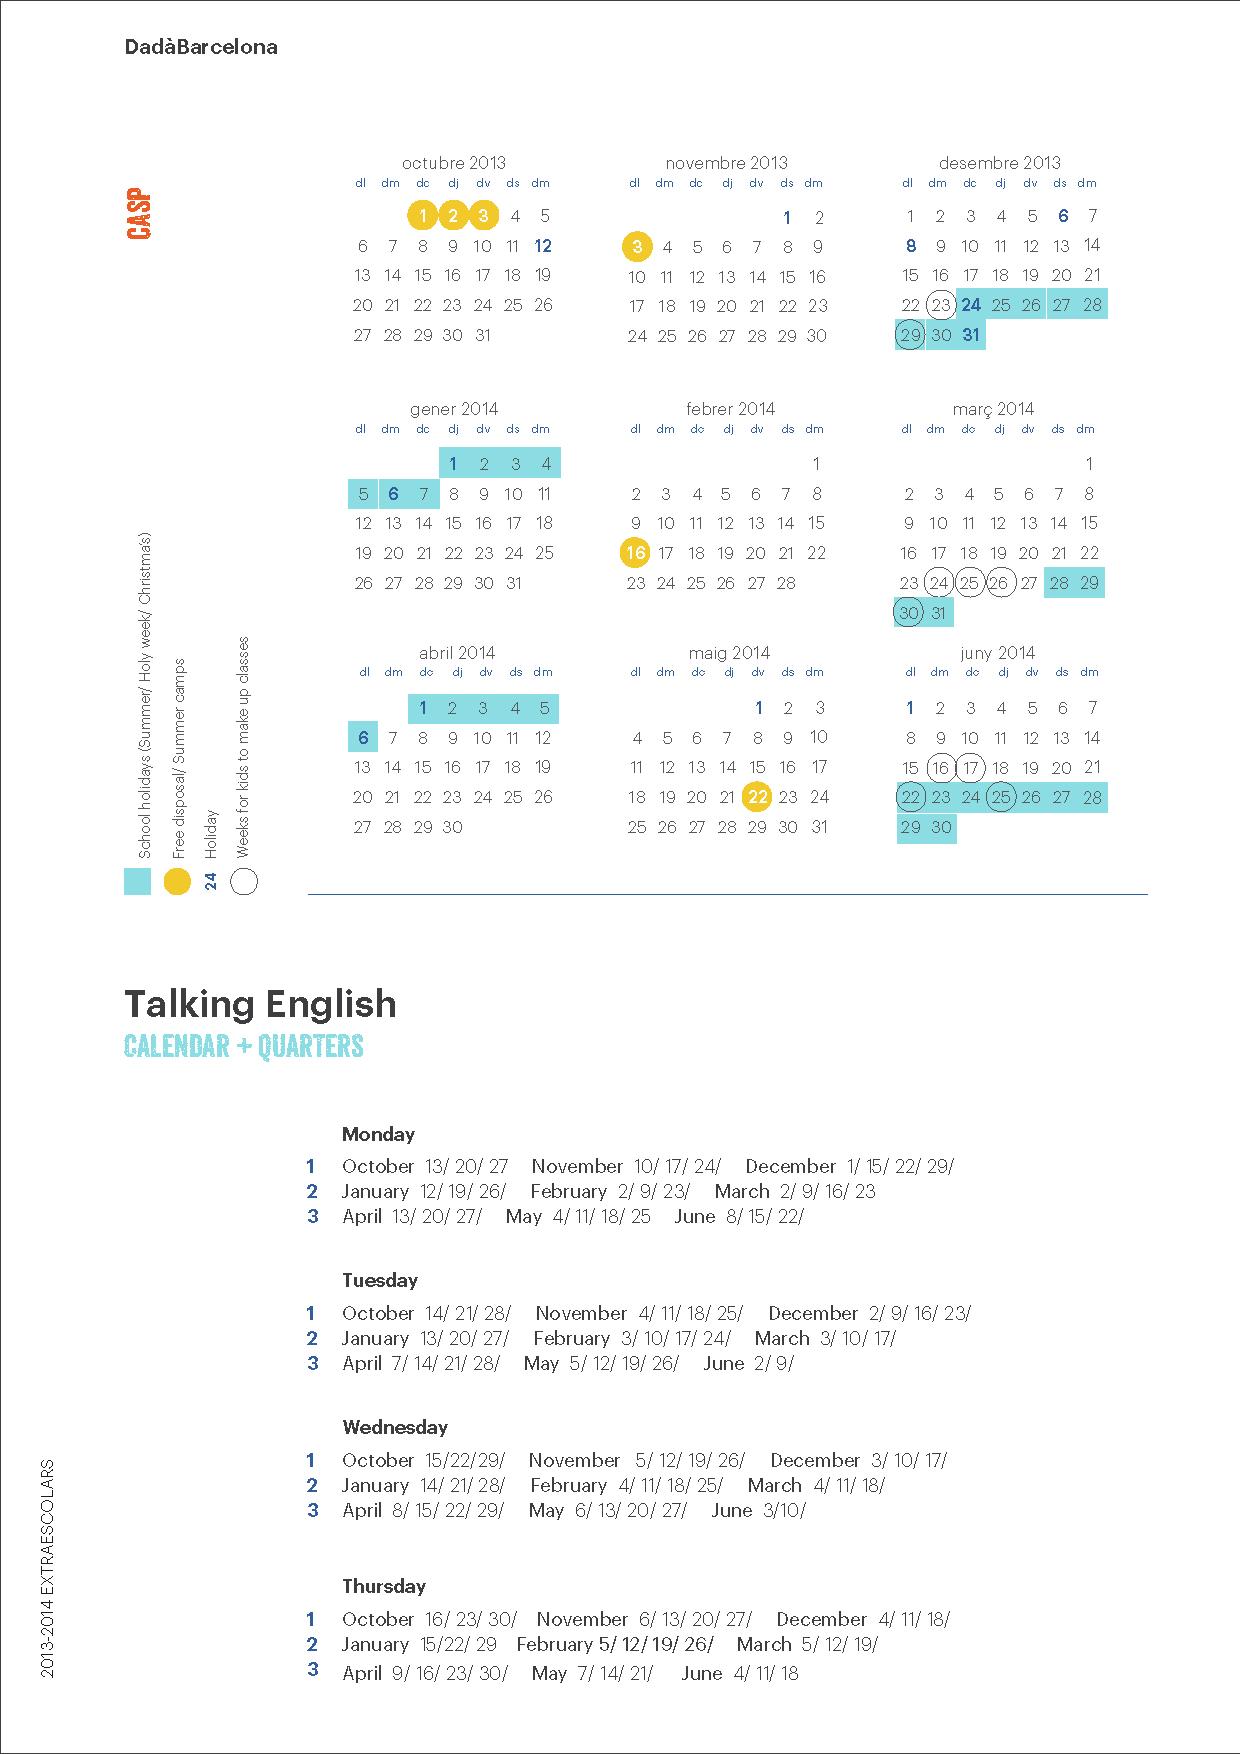 Talking English_2014-2015_Casp.jpg